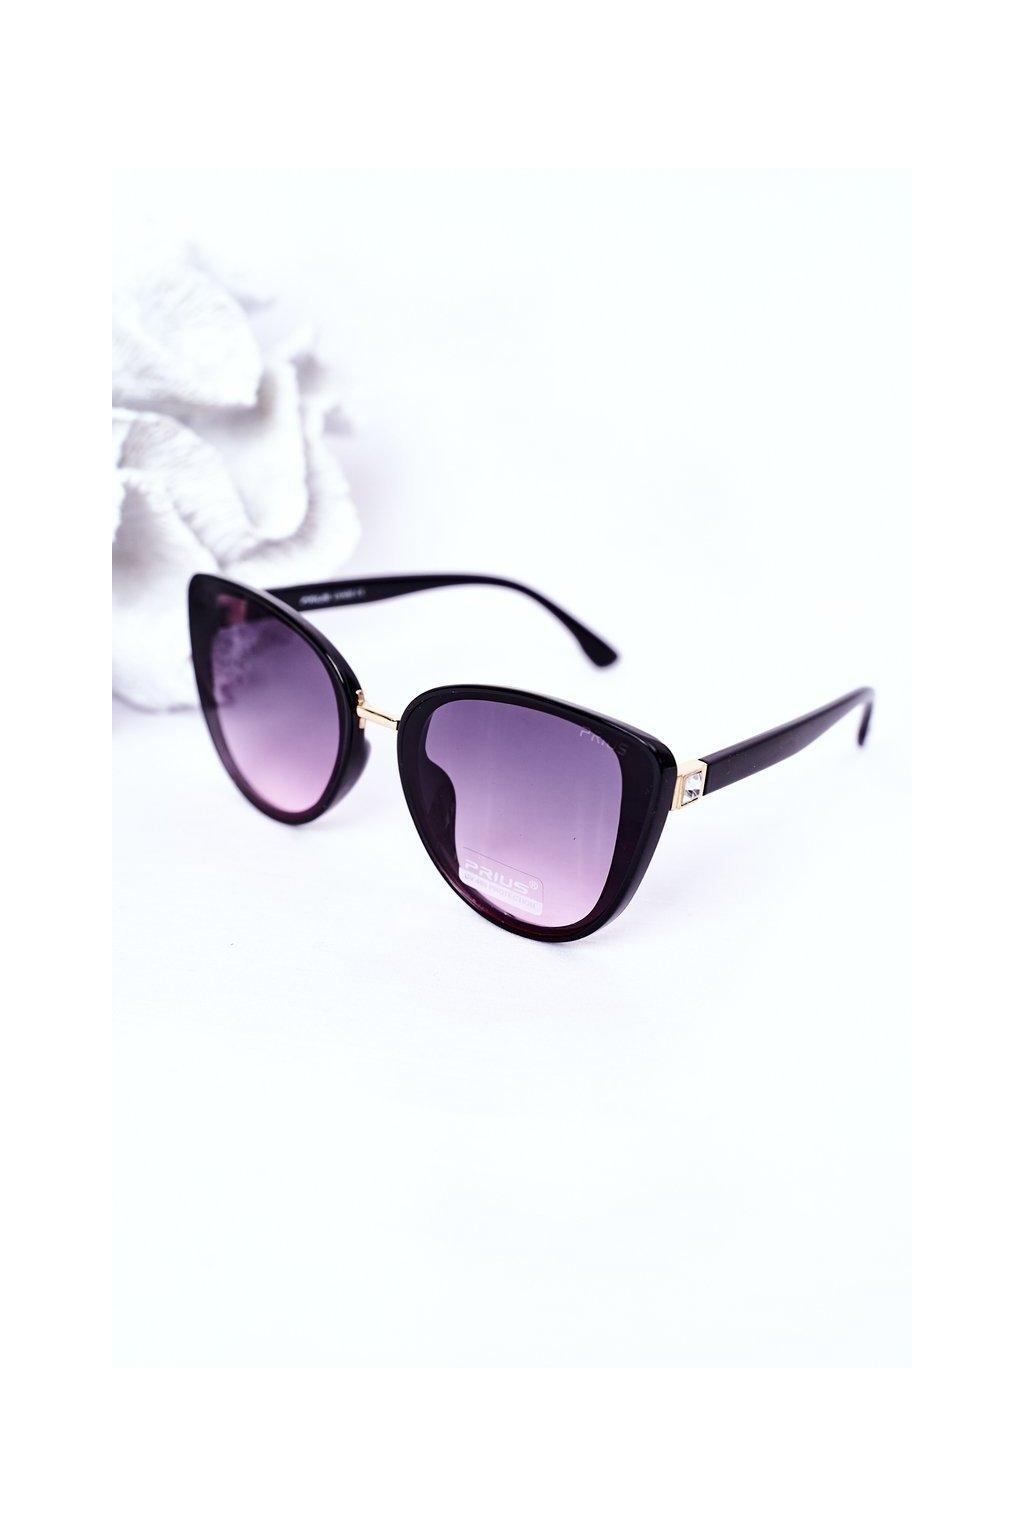 Módne slnečné okuliare čierno-ružové PRIUS Eyewear PRIUS005 BLK/PINK